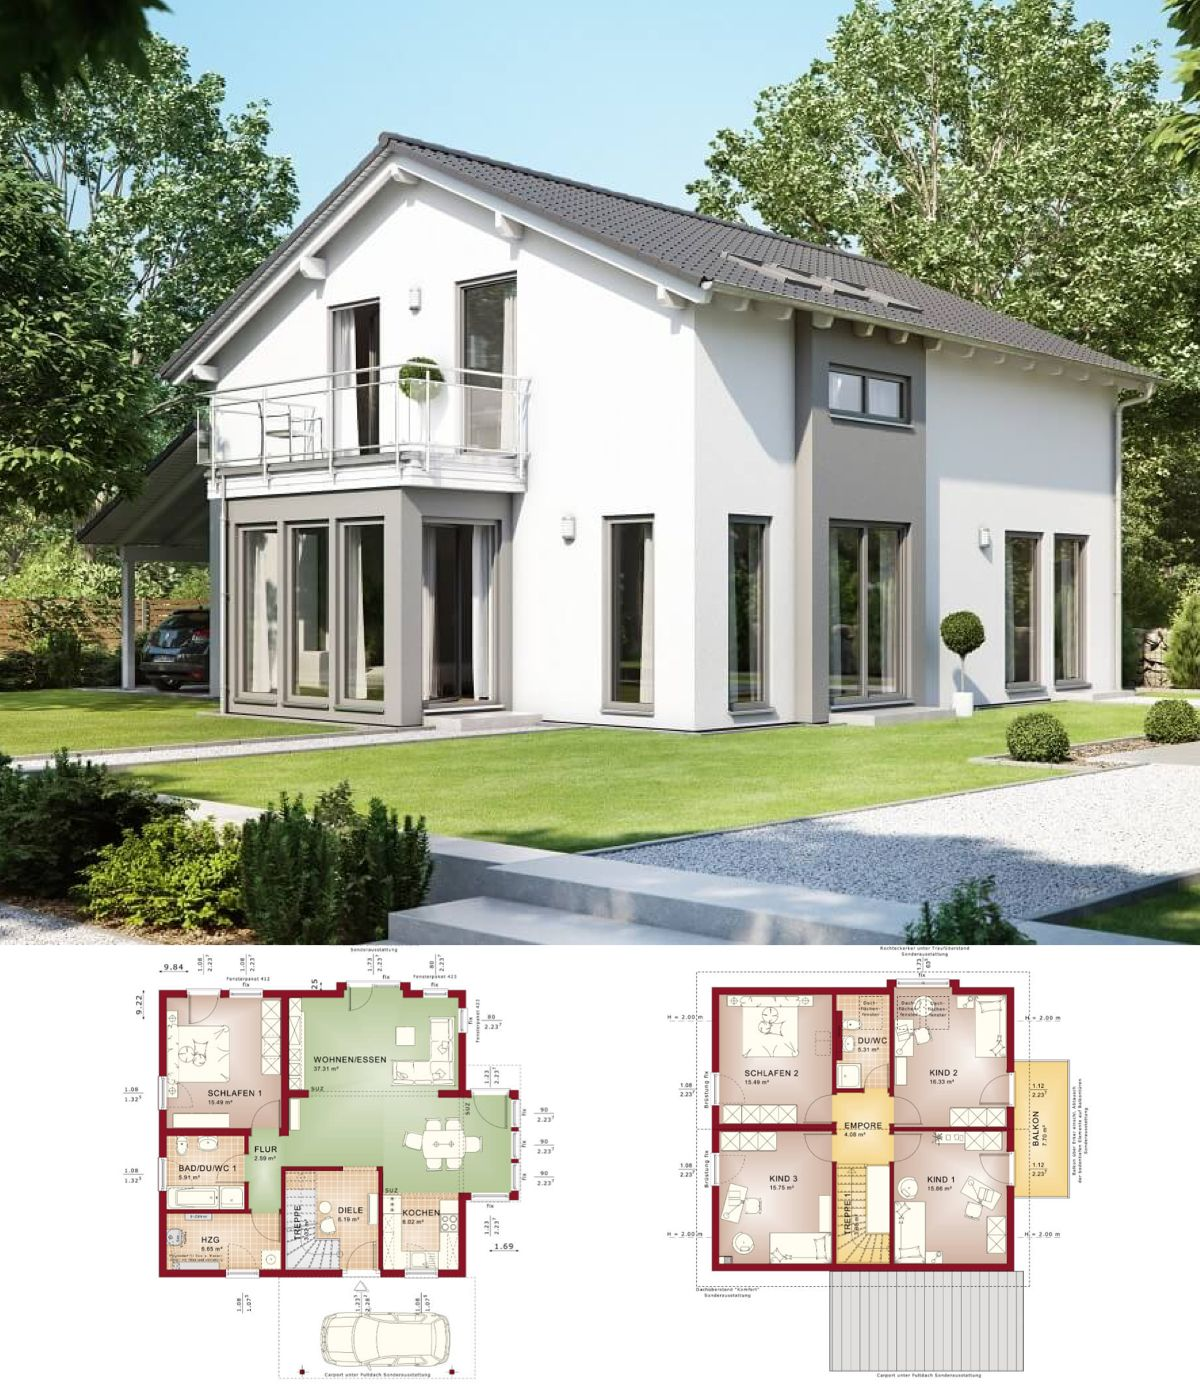 Einfamilienhaus mit grundriss haus solution 151 v7 for Modernes einfamilienhaus grundriss